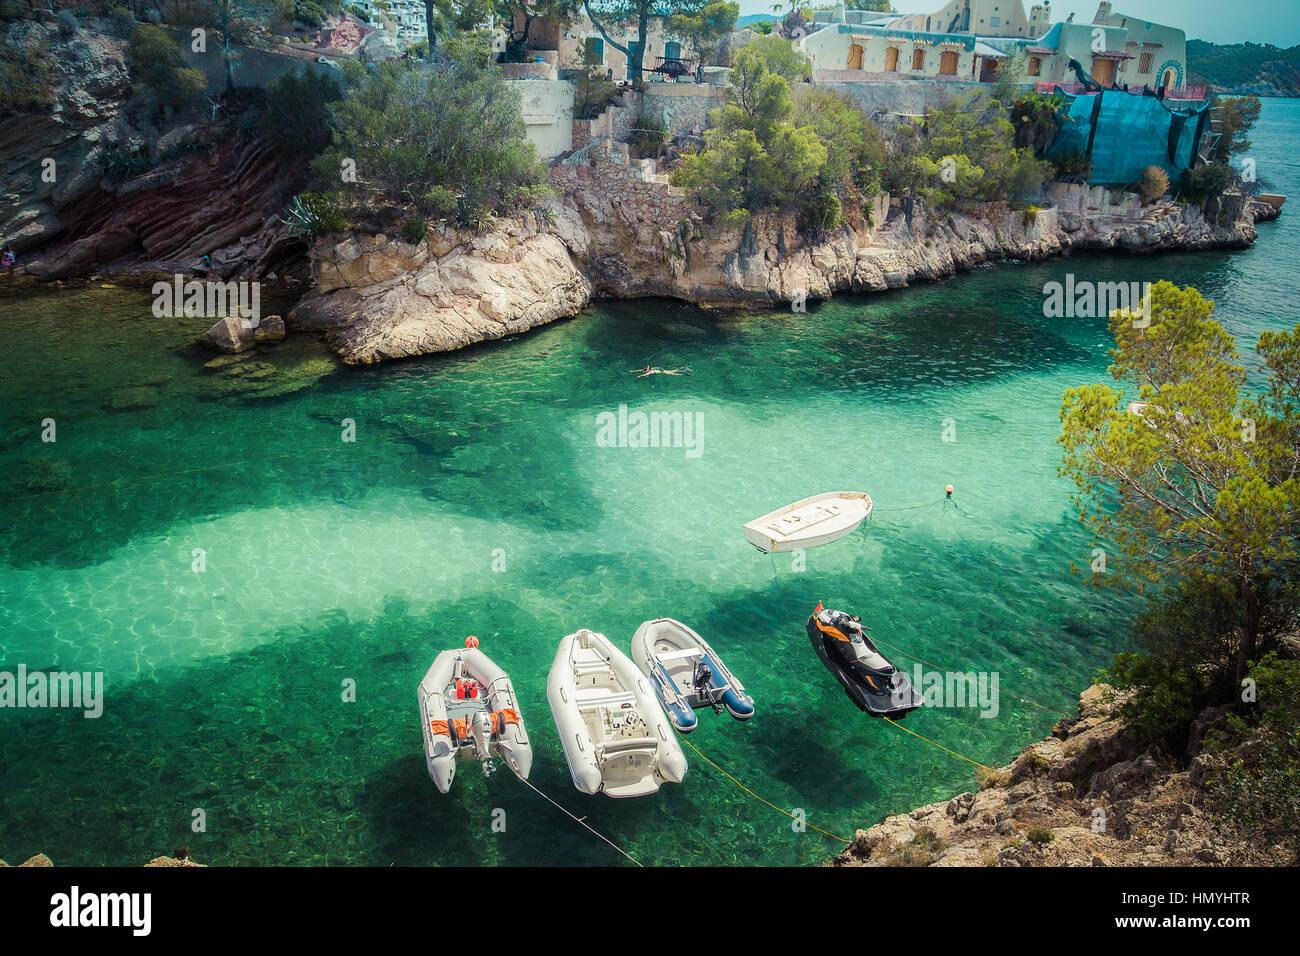 Luftaufnahme von kleinen Booten im Meer, die Bucht Stockfoto